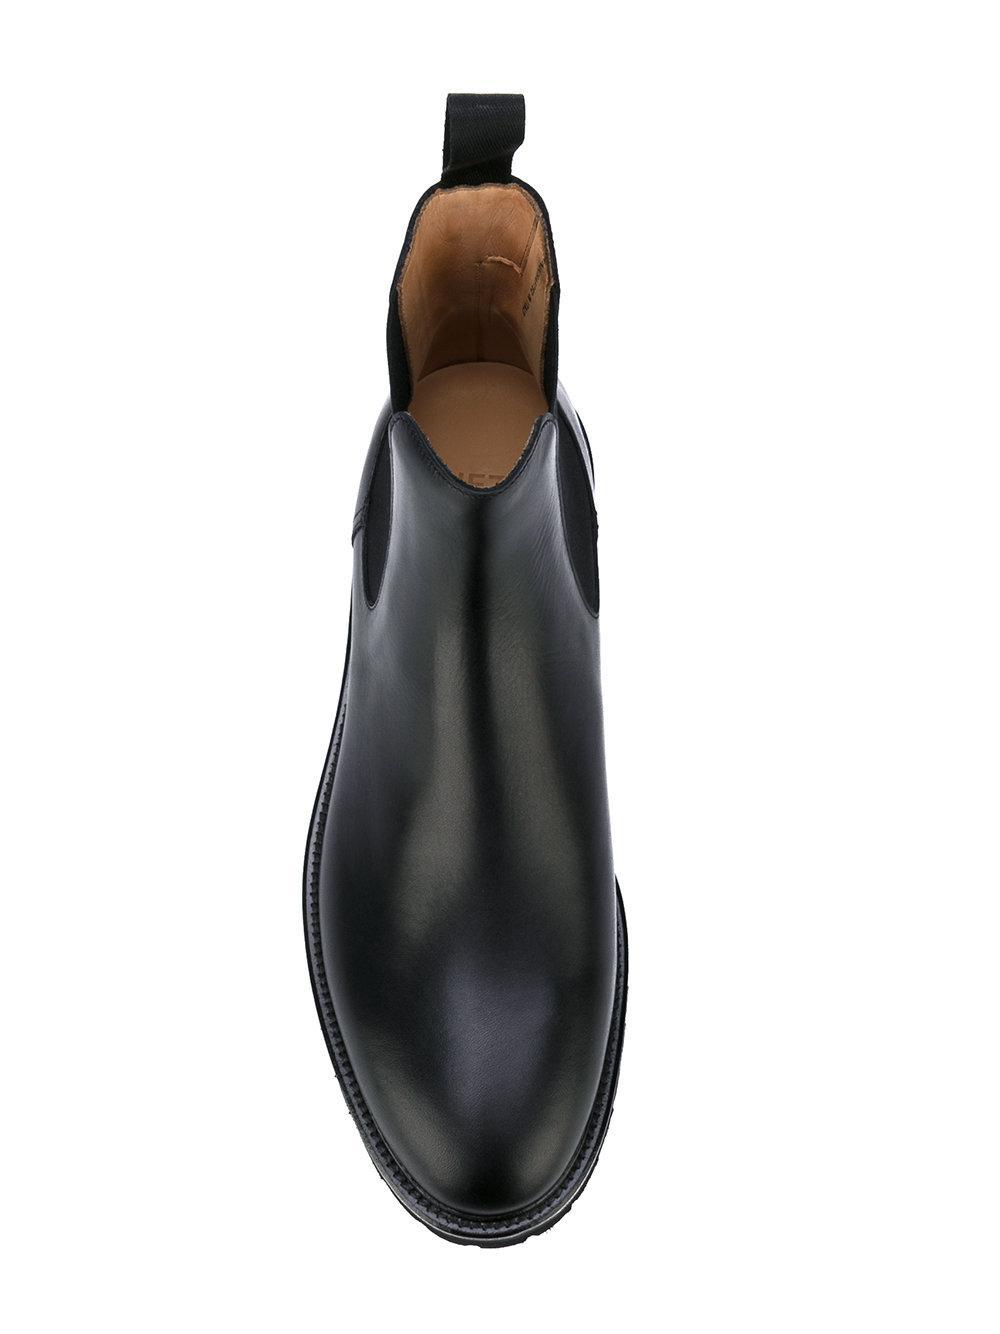 AIEZEN Chelsea boots